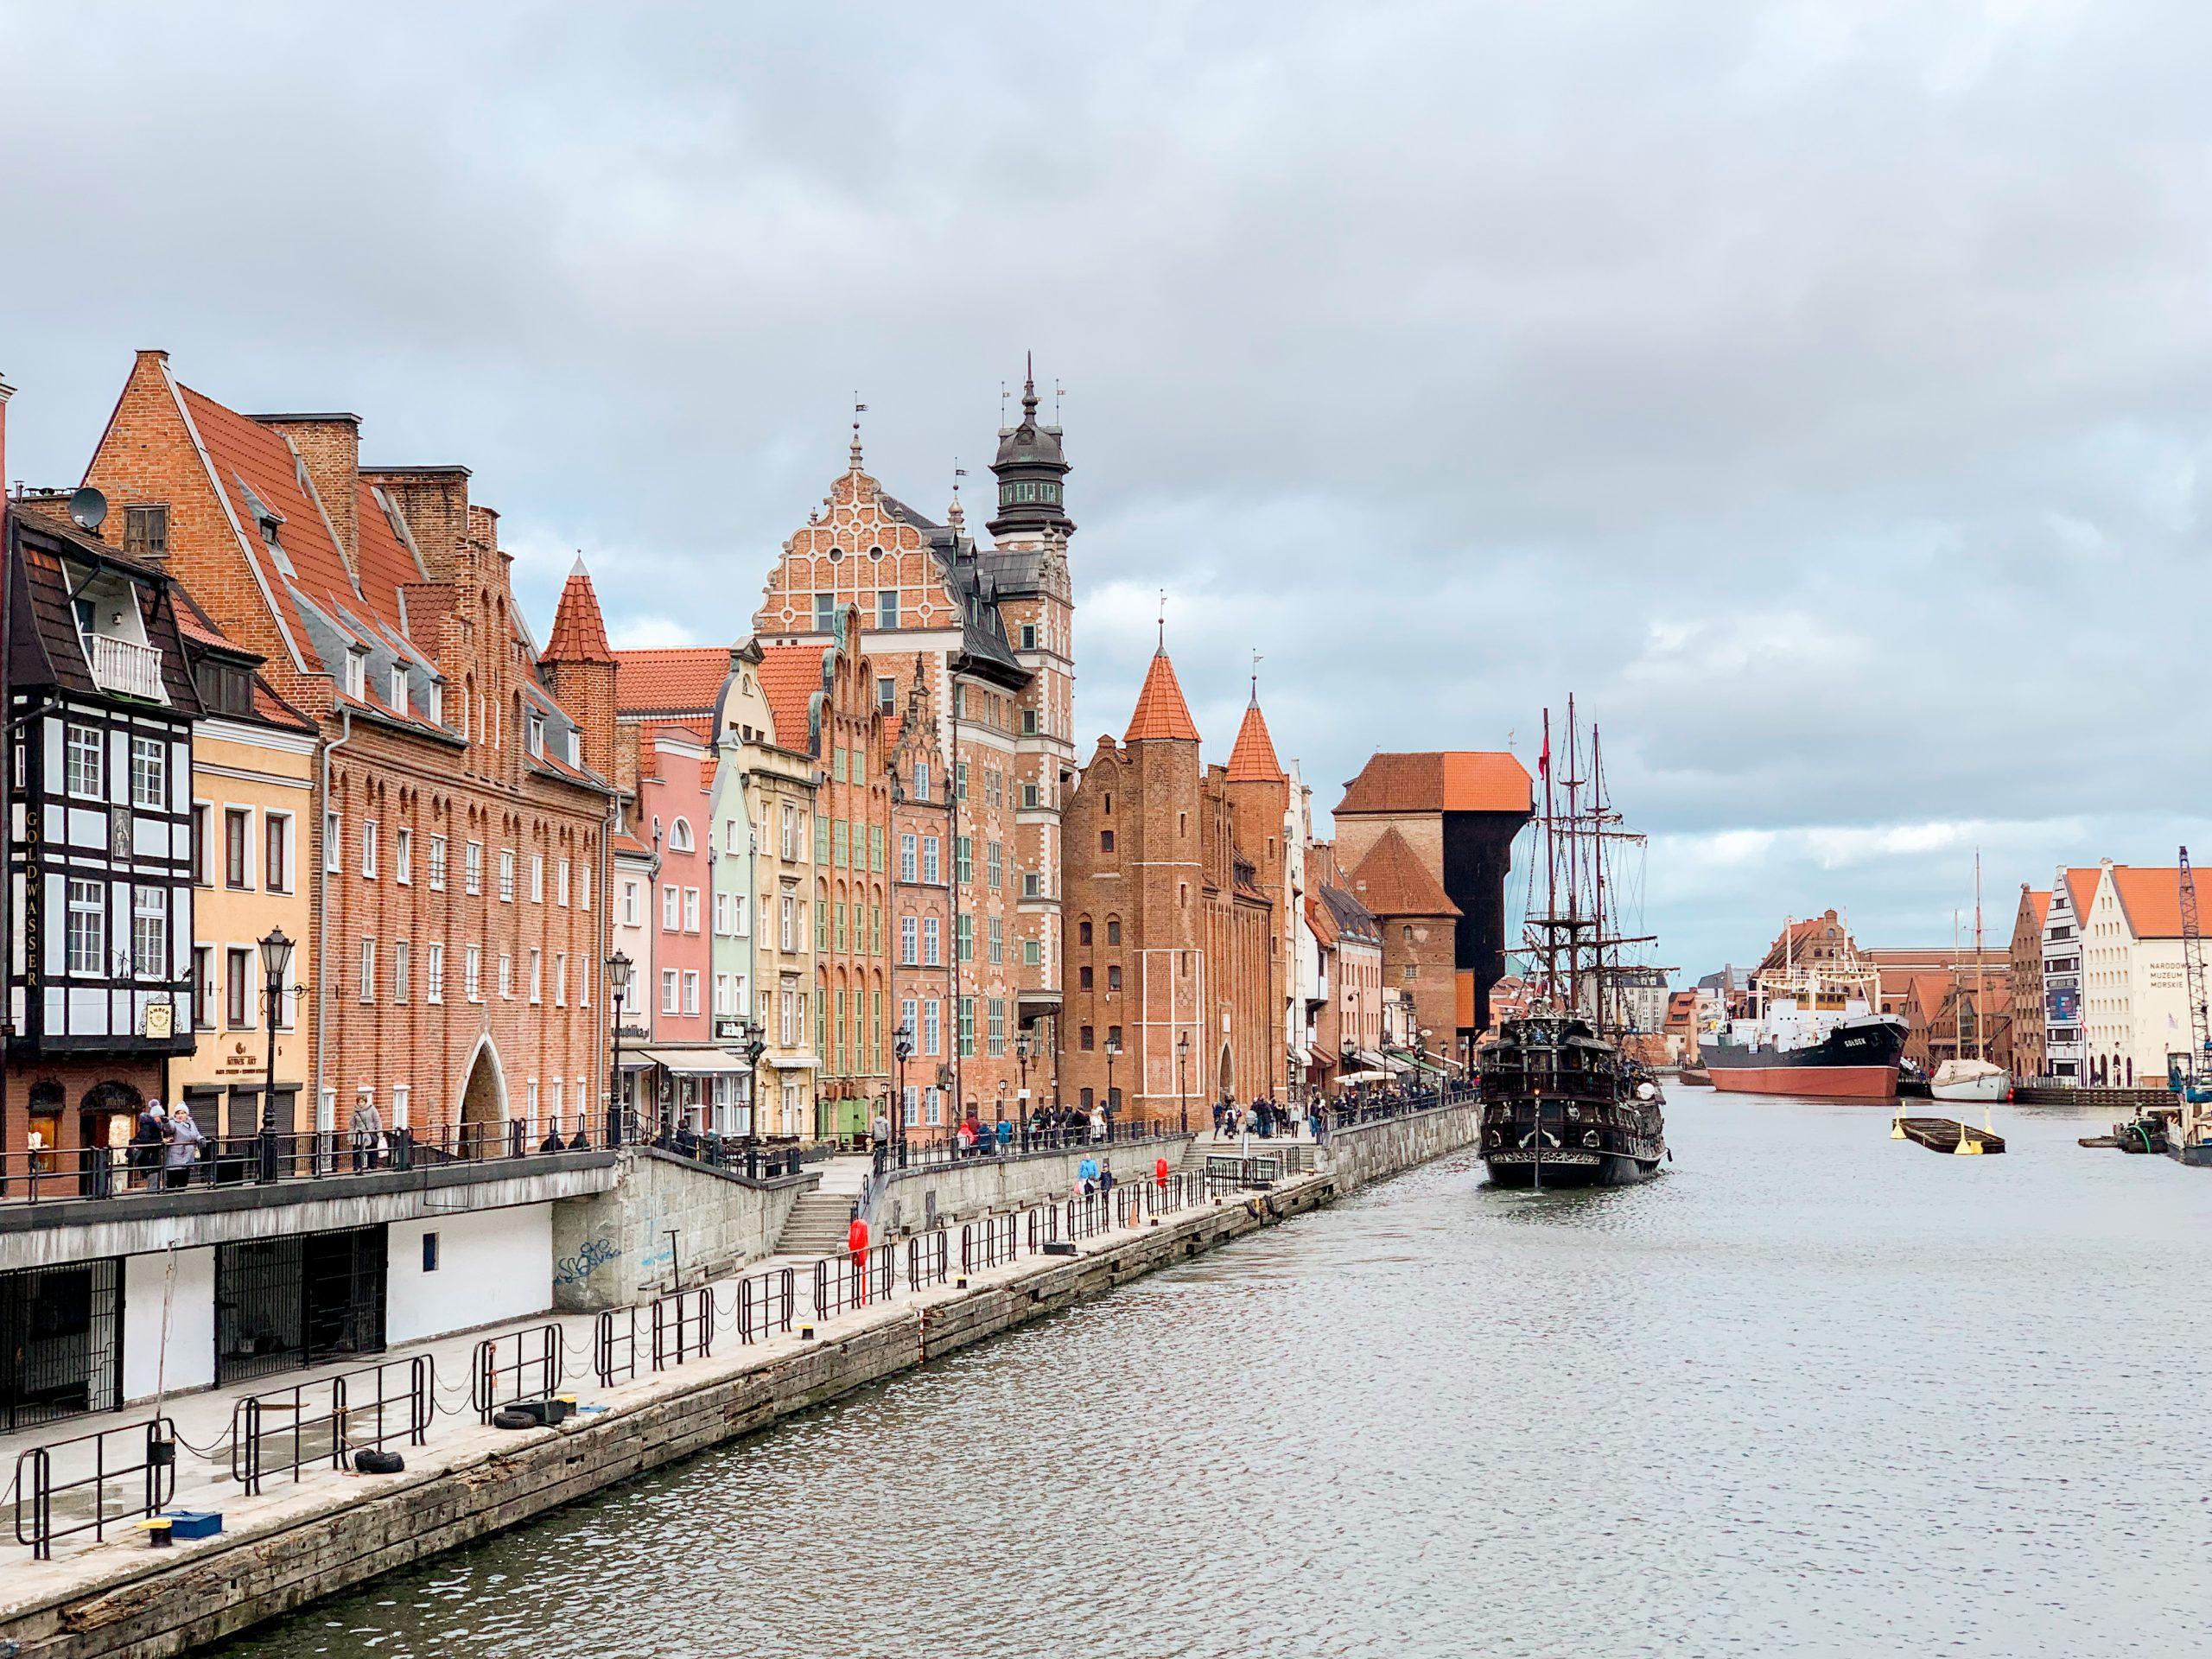 Polônia, Gdansk, Black Pearl, guia de viagem, viagem, leste europeu